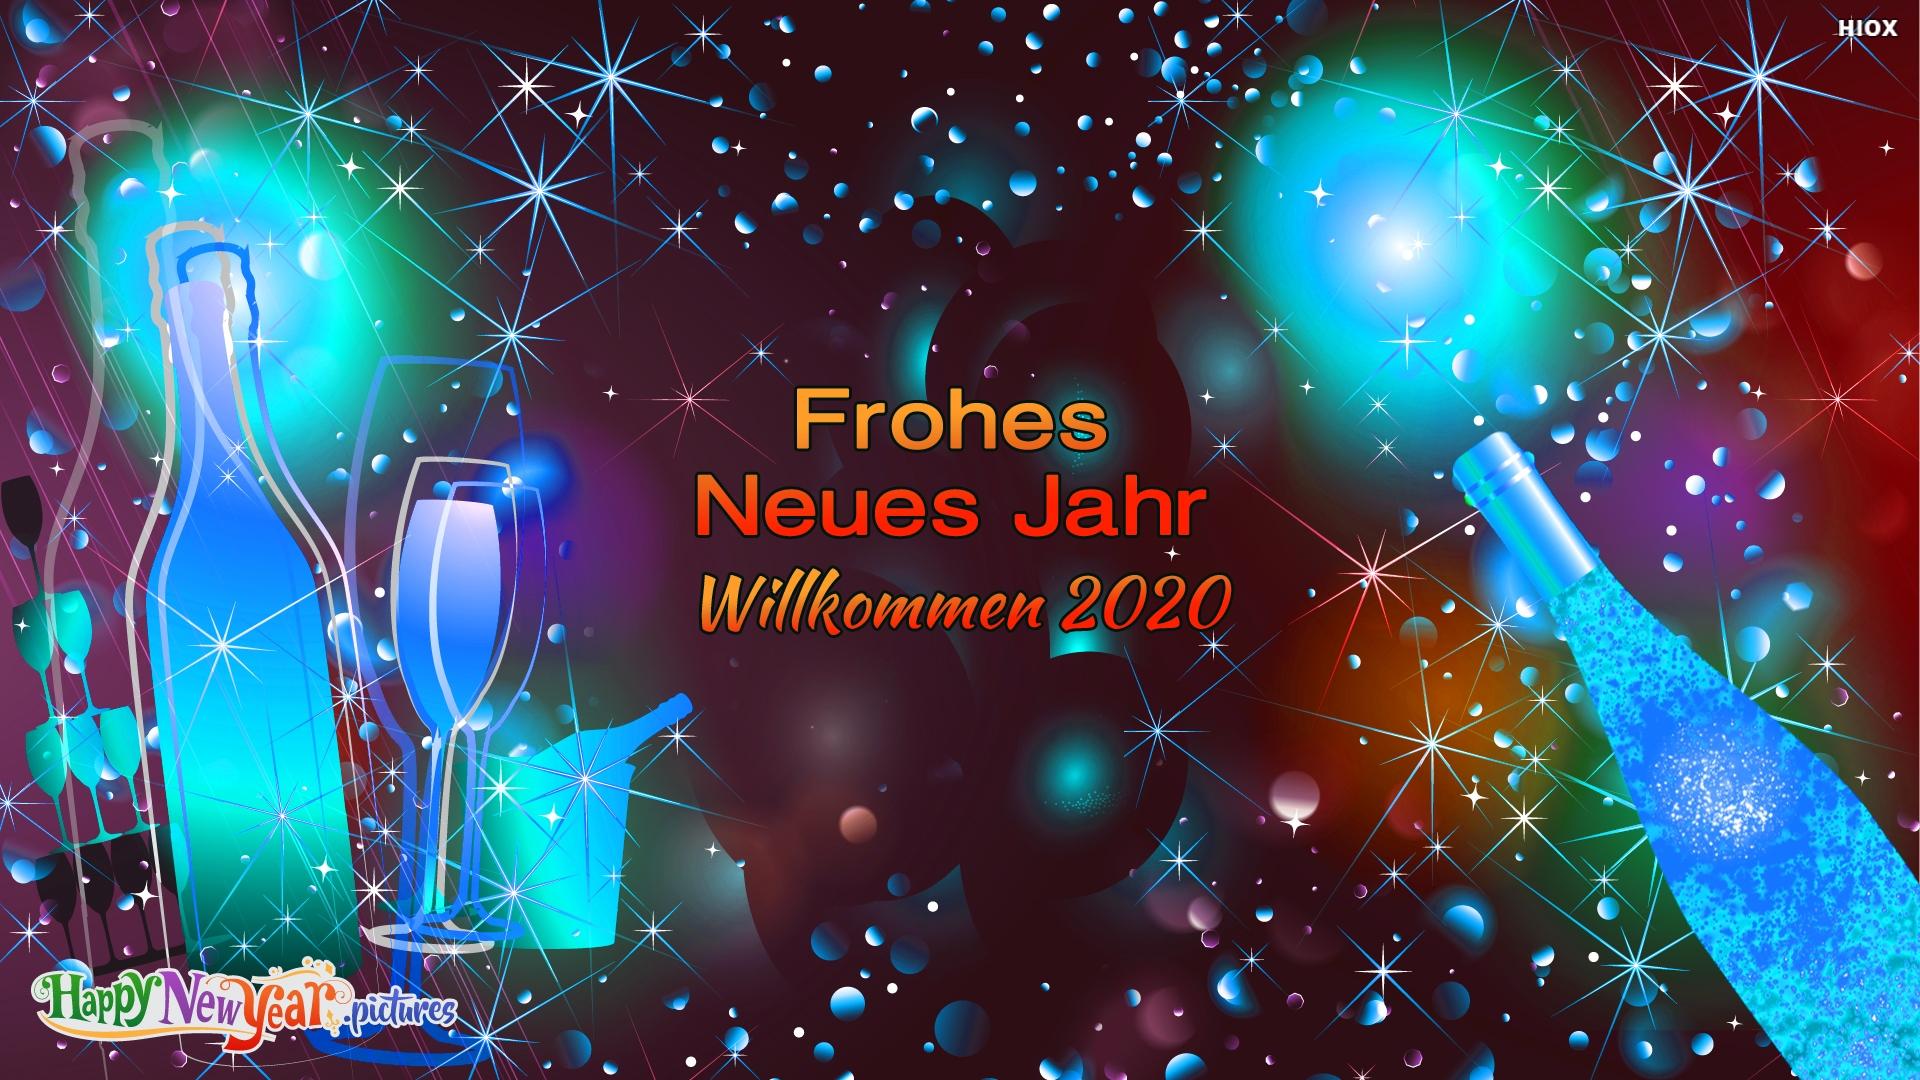 Frohes Neues Jahr Willkommen 2020